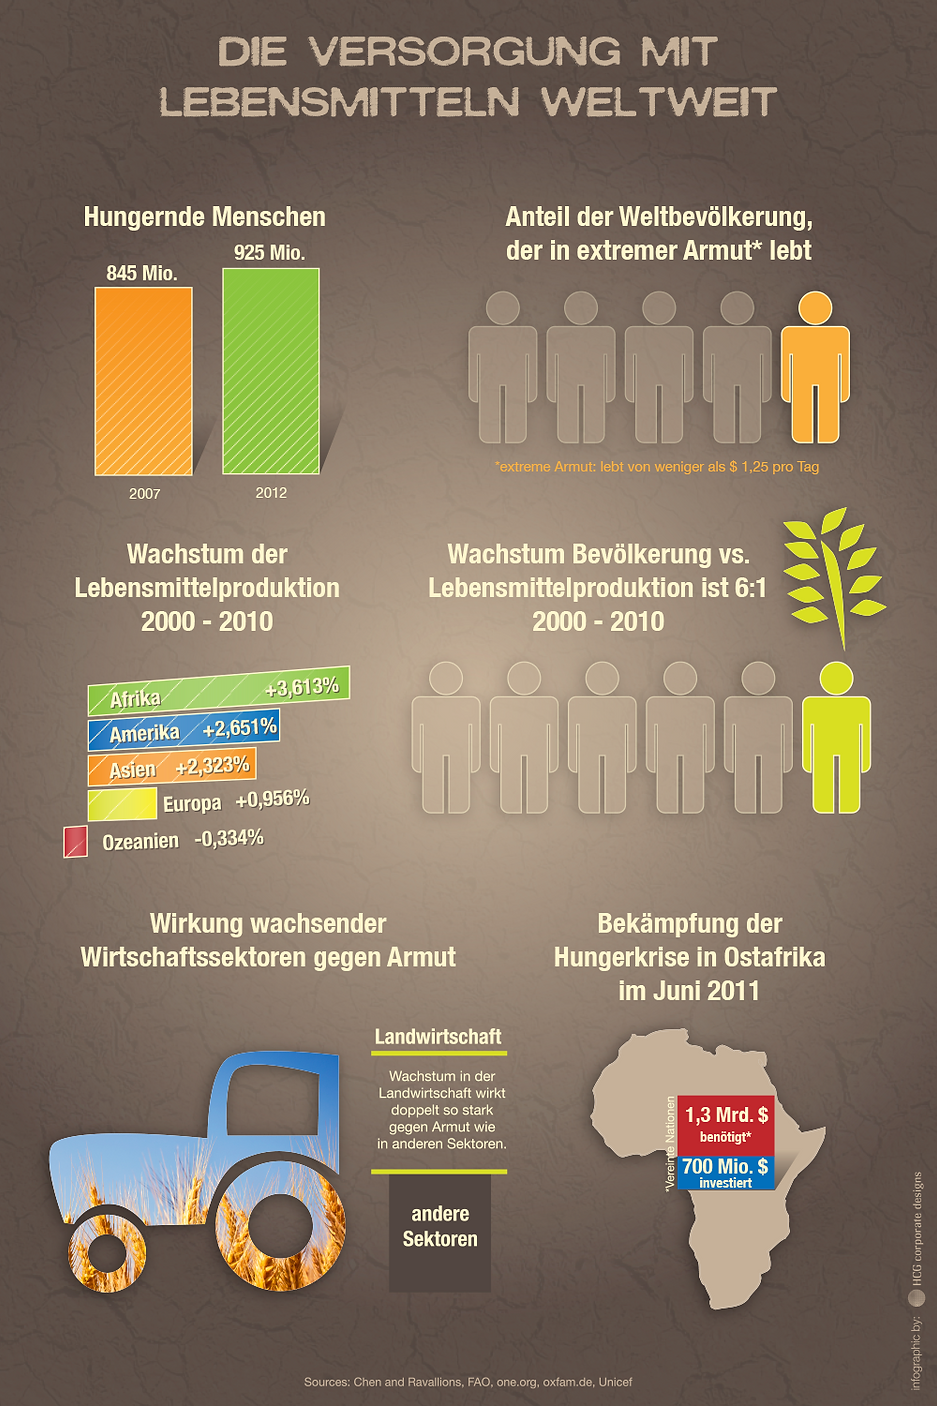 versorgung mit lebensmitteln weltweit infografik